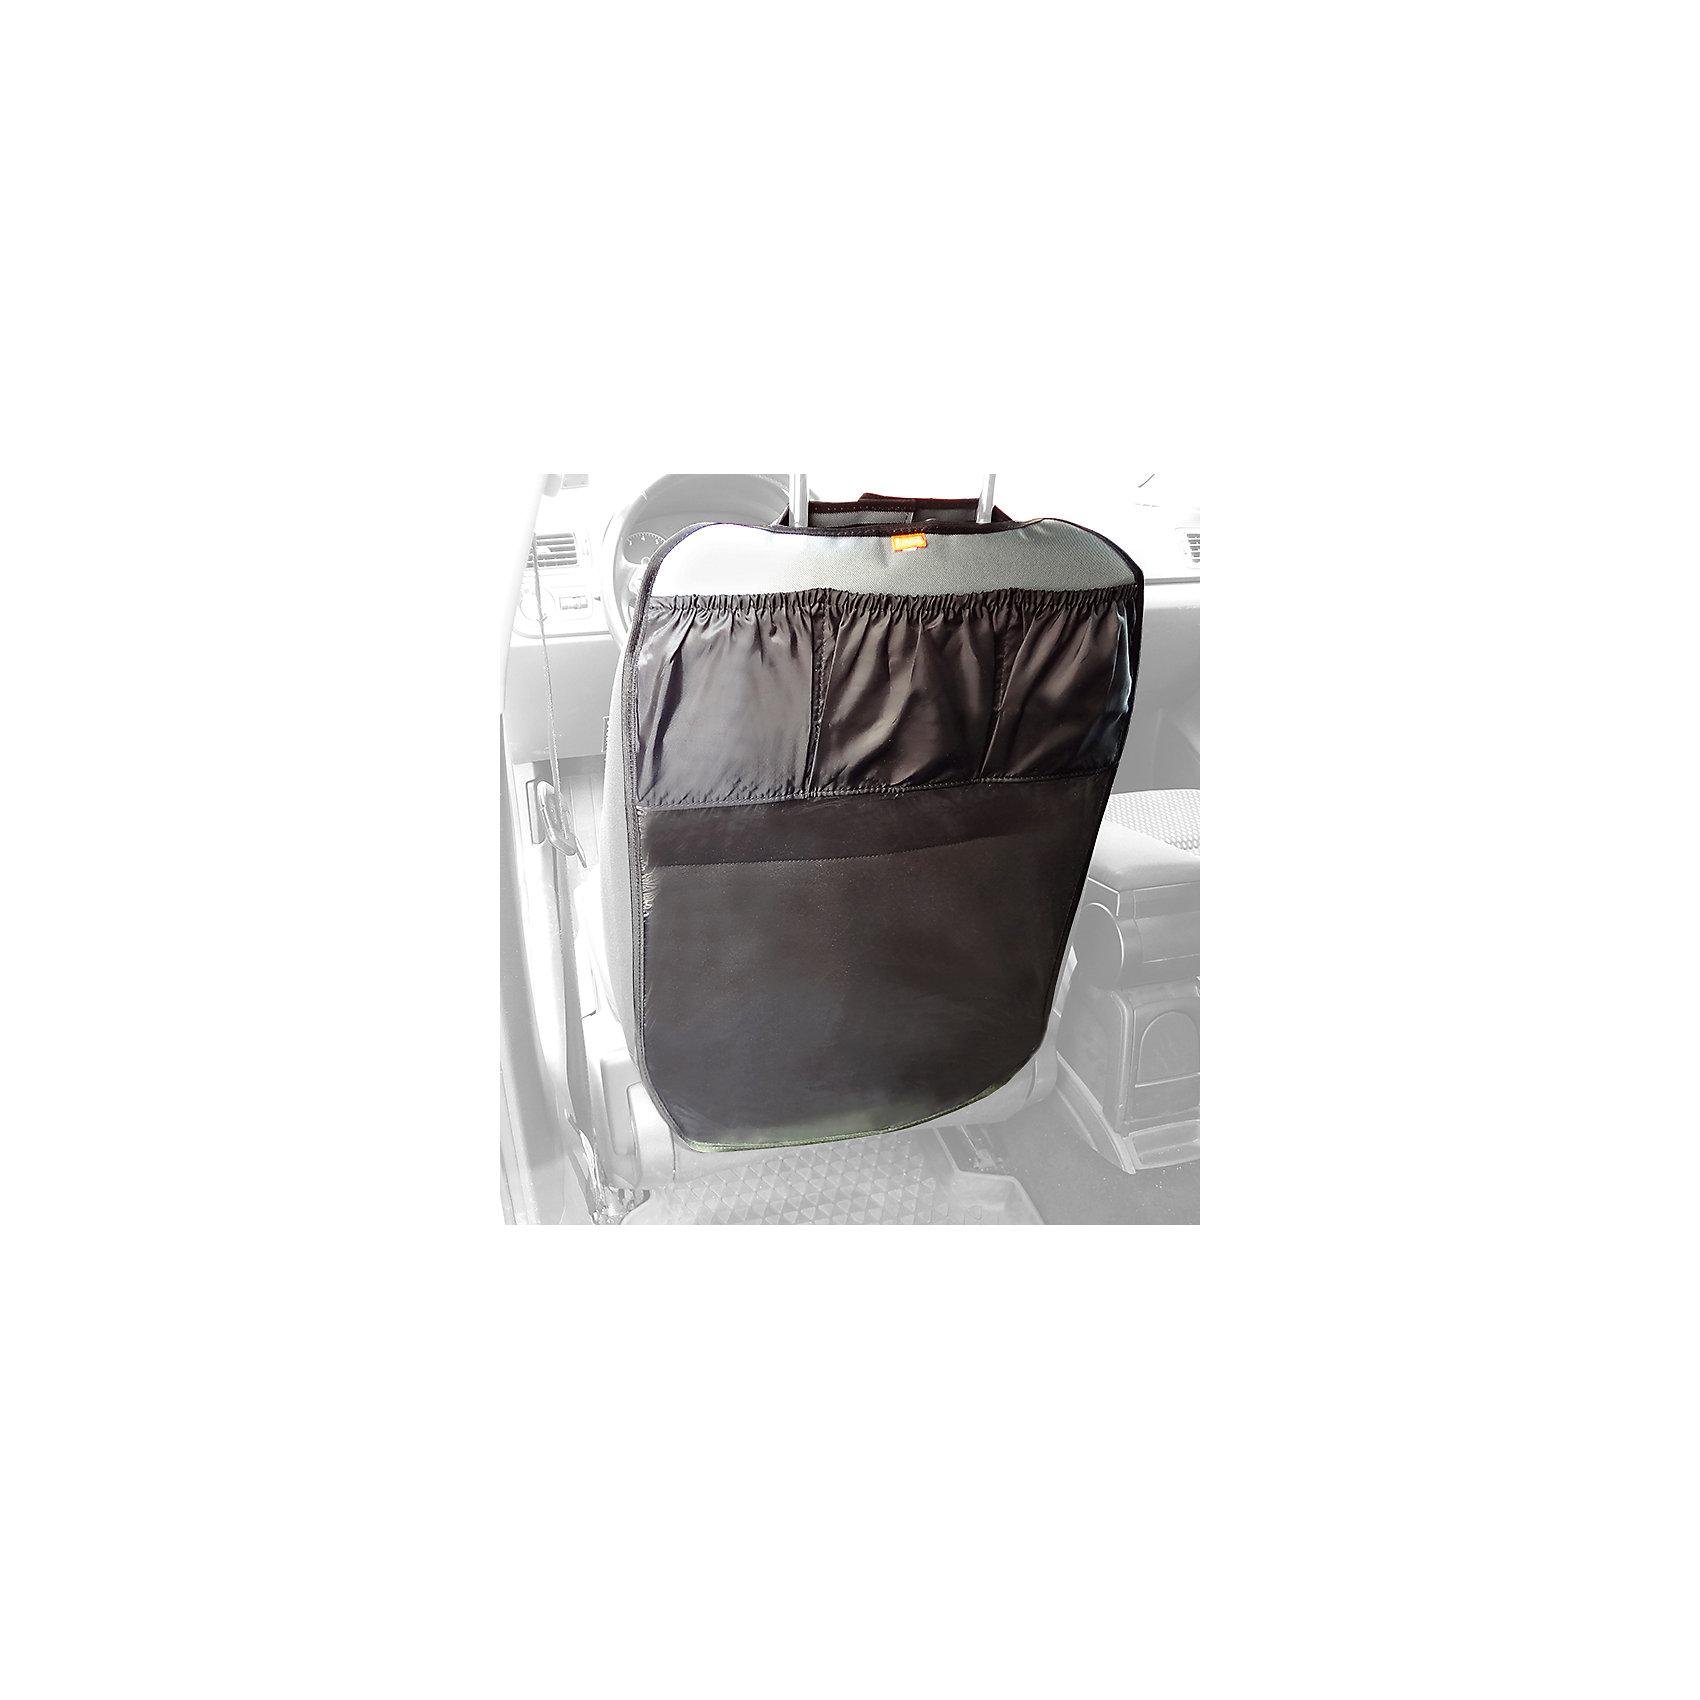 Защитная накидка на спинку автомобильного сиденья с карманами, ВитошаАксессуары<br>Характеристики:<br><br>• резинки-держатели, липучки;<br>• наличие карманов, 3 шт.;<br>• материал: прозрачная пленка ПВХ, карман - 100% полиэстер;<br>• размер накидки: 40х60 см;<br>• размер упаковки: 25х16,5х1 см;<br>• вес накидки: 50 г;<br>• вес в упаковке: 200 г.<br><br>Защитная накидка быстро и легко крепится на автомобильное сиденье. За накидкой легко ухаживать, аксессуар отмывается без труда. Накладка подходит для всех типов кресел со съемным подголовником.  <br><br>Защитную накидку на спинку автомобильного сиденья с карманами, Витоша можно купить в нашем интернет-магазине.<br><br>Ширина мм: 250<br>Глубина мм: 165<br>Высота мм: 10<br>Вес г: 200<br>Возраст от месяцев: 0<br>Возраст до месяцев: 36<br>Пол: Унисекс<br>Возраст: Детский<br>SKU: 5500272